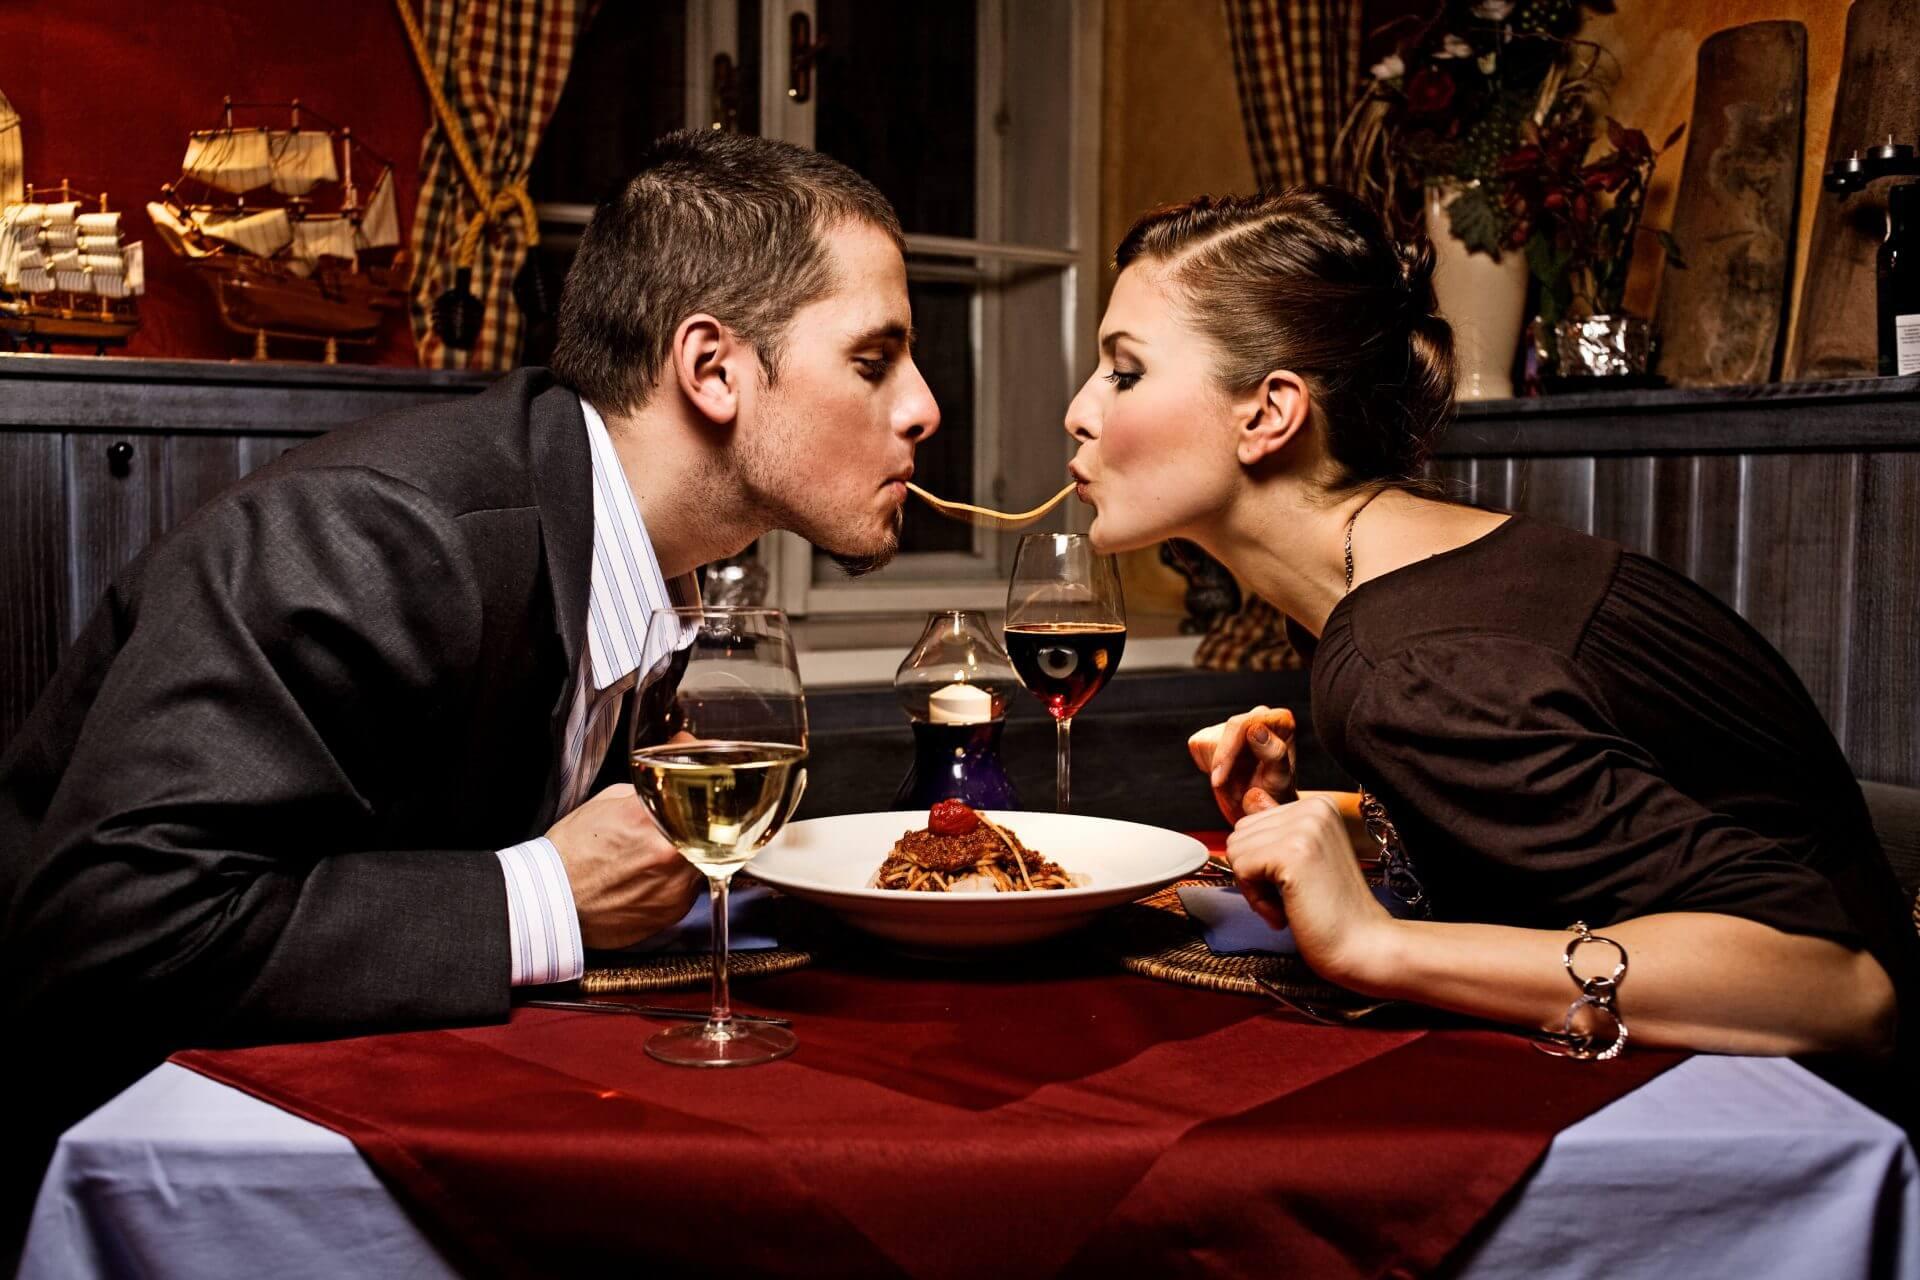 Cena romantica a casa consigli utili per organizzarla - Cena romantica a casa ...